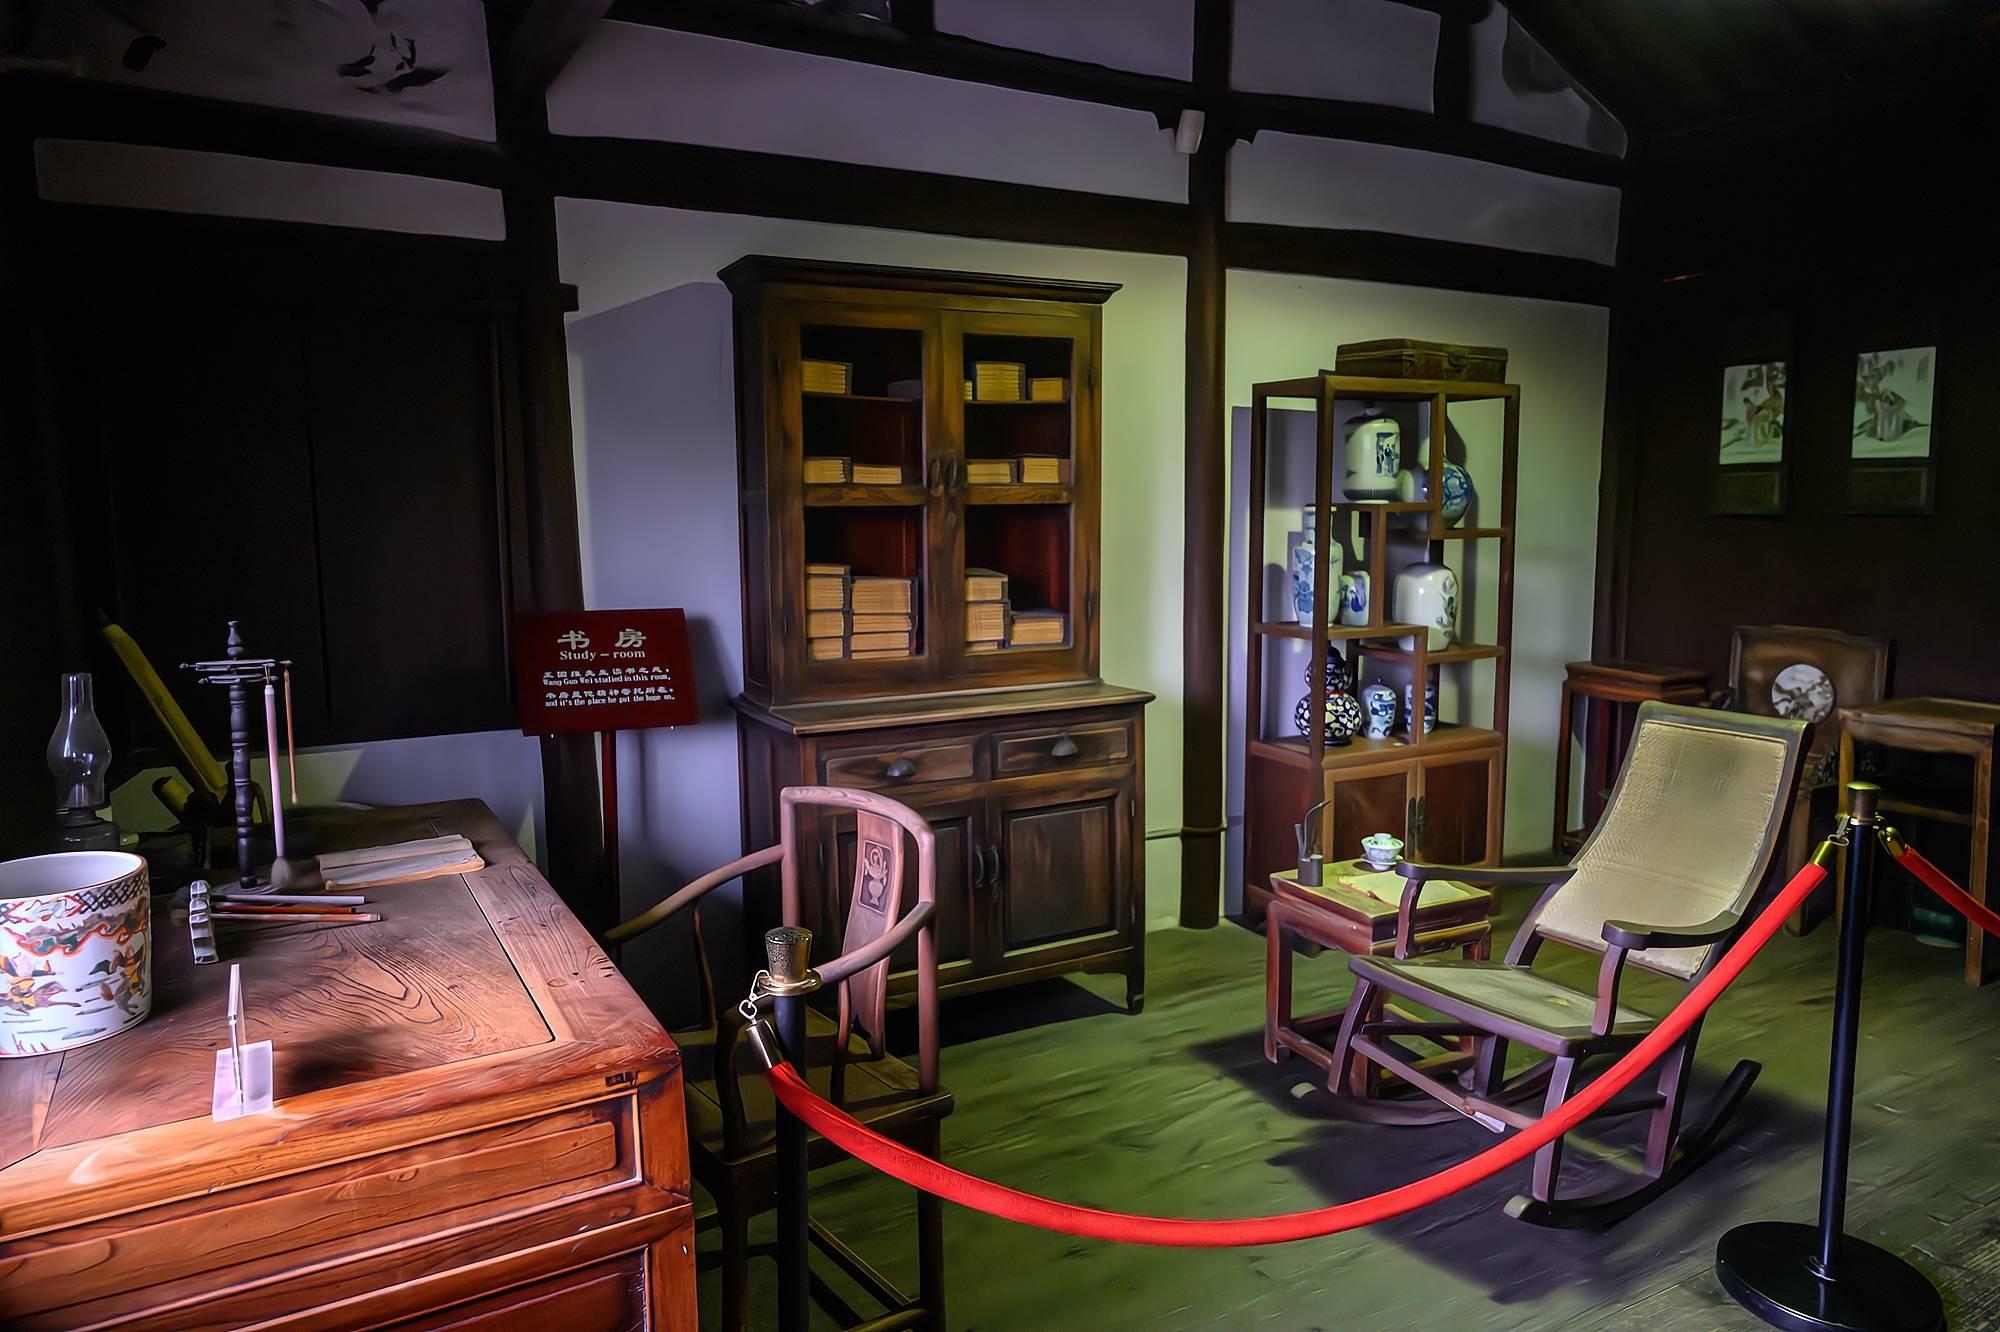 原创             江浙值得一去的3座名人故居,听名字很熟悉,去过的游客却不多